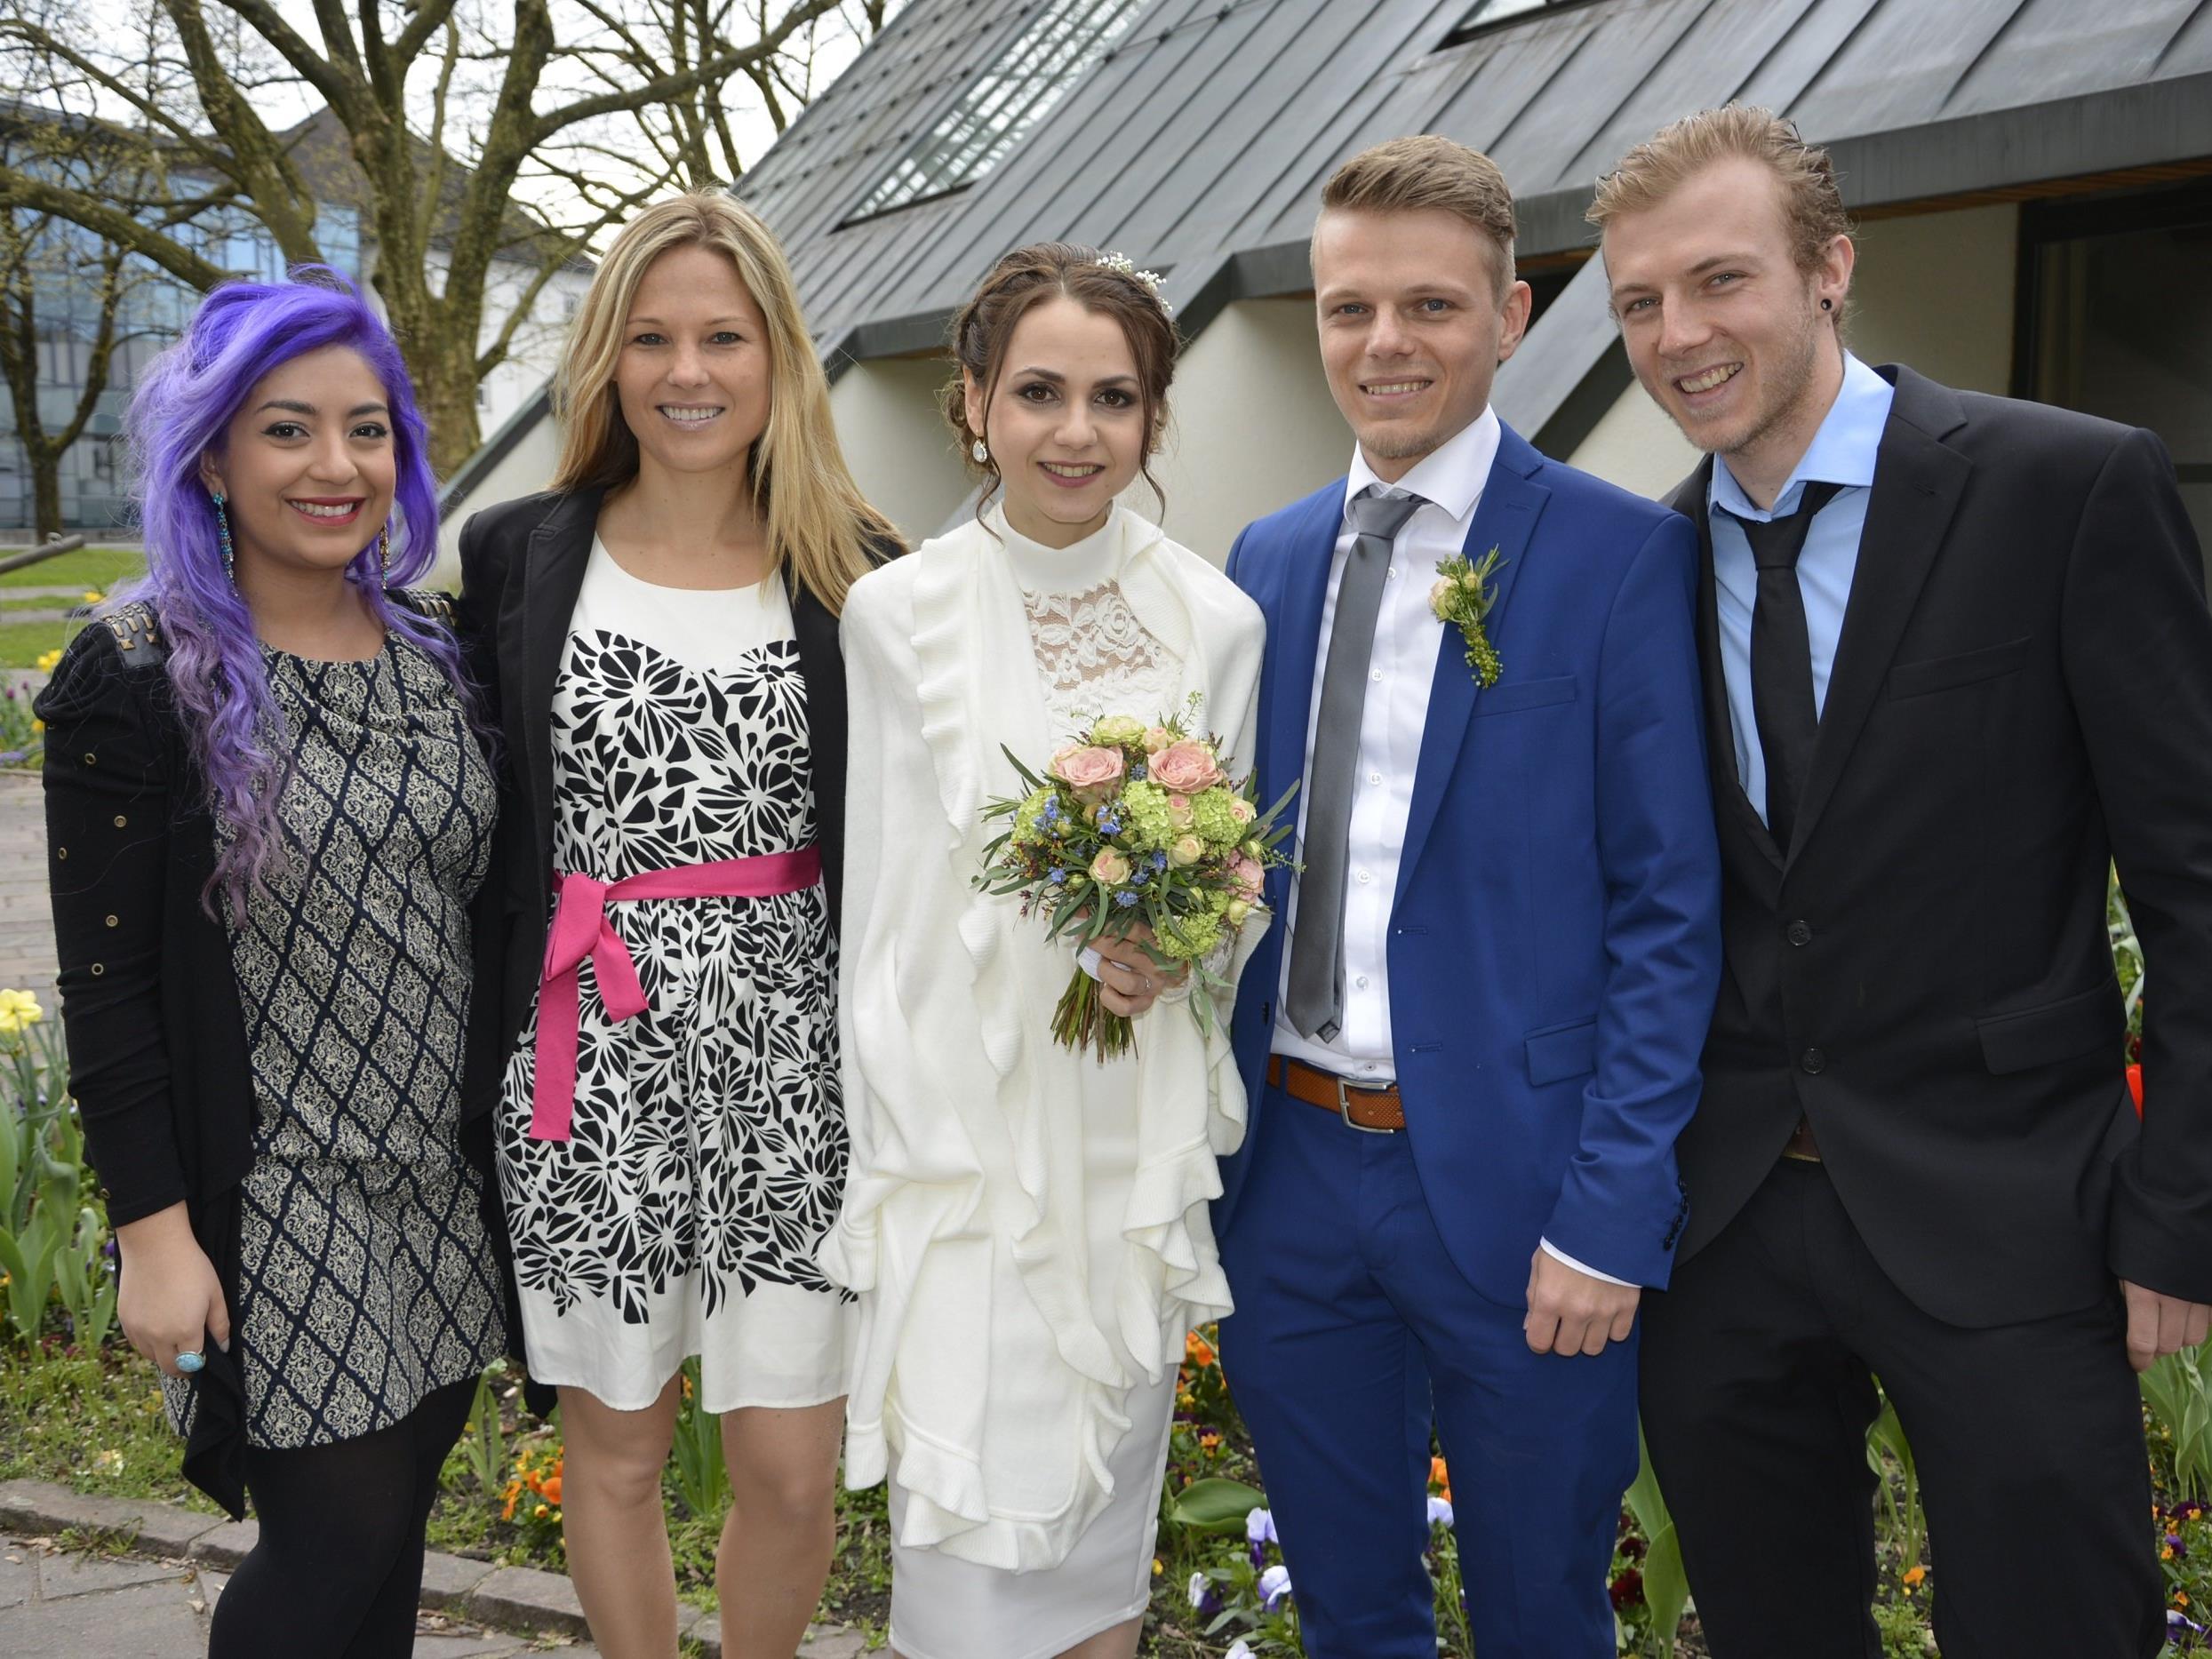 Das Brautpaar mit den Trauzeugen nach der standesamtlichen Trauung in Dornbirn.